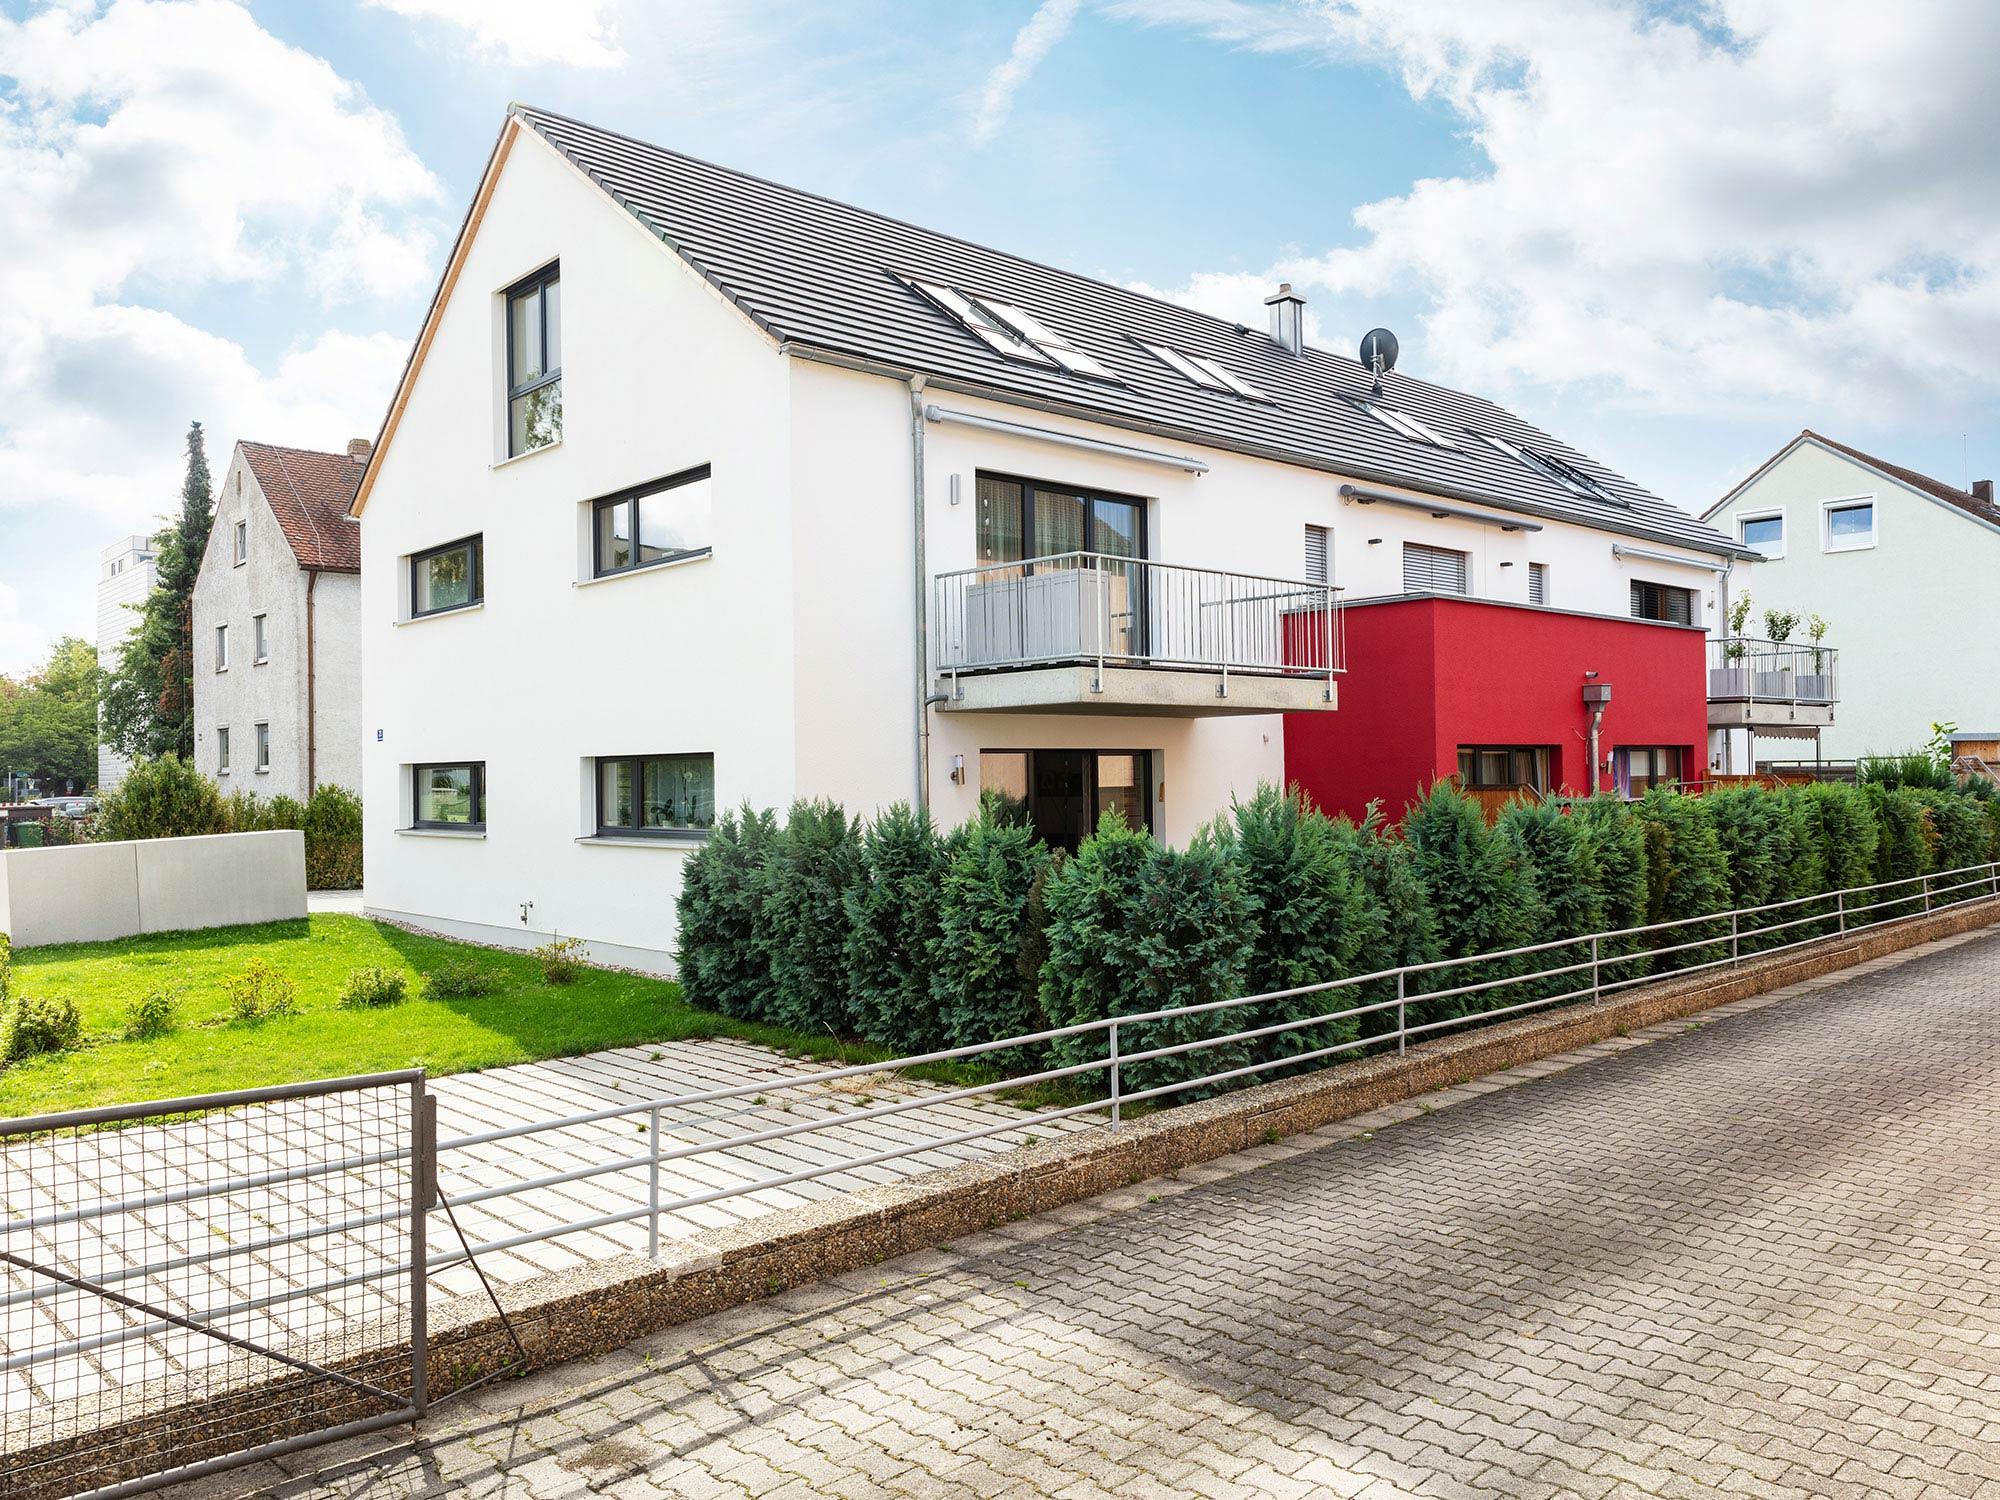 immocontec-Referenz: Blick von der Straße auf das Mehrfamilienhaus VIO2 in Weichs in Regensburg